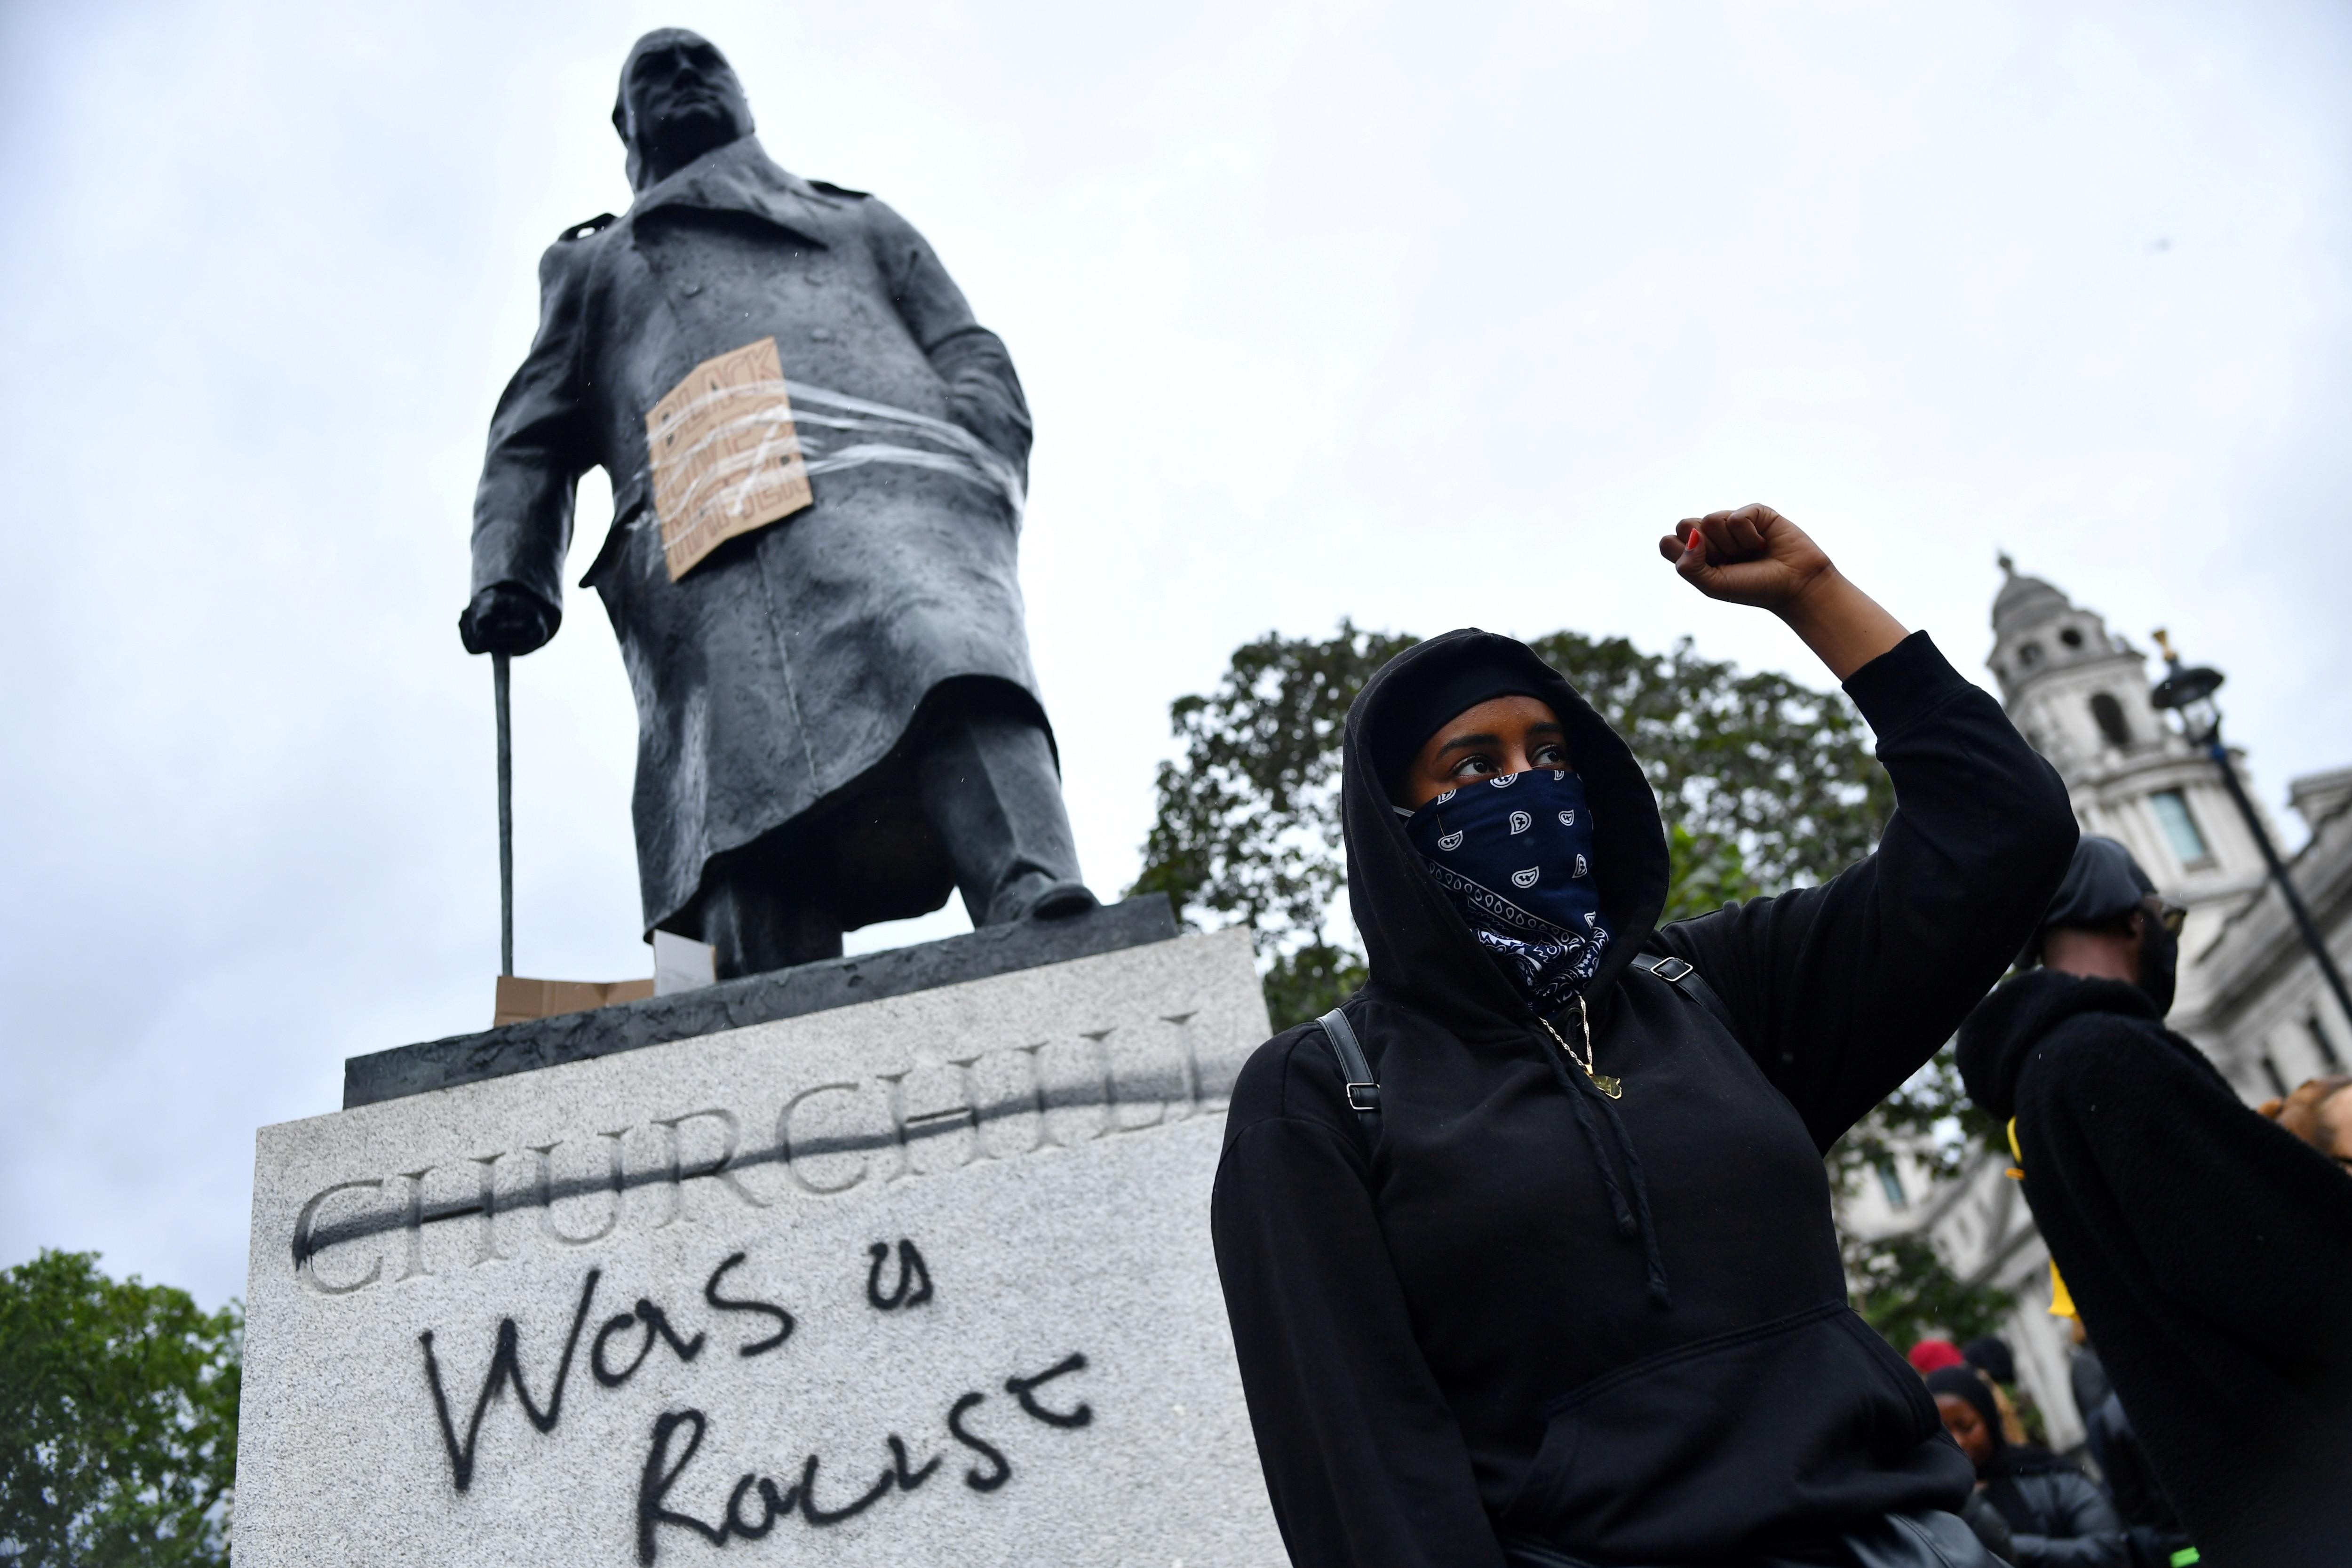 En medio de las protestas contra el racismo, manifestantes vandalizaron la estatua de Churchill en Londres  - Infobae